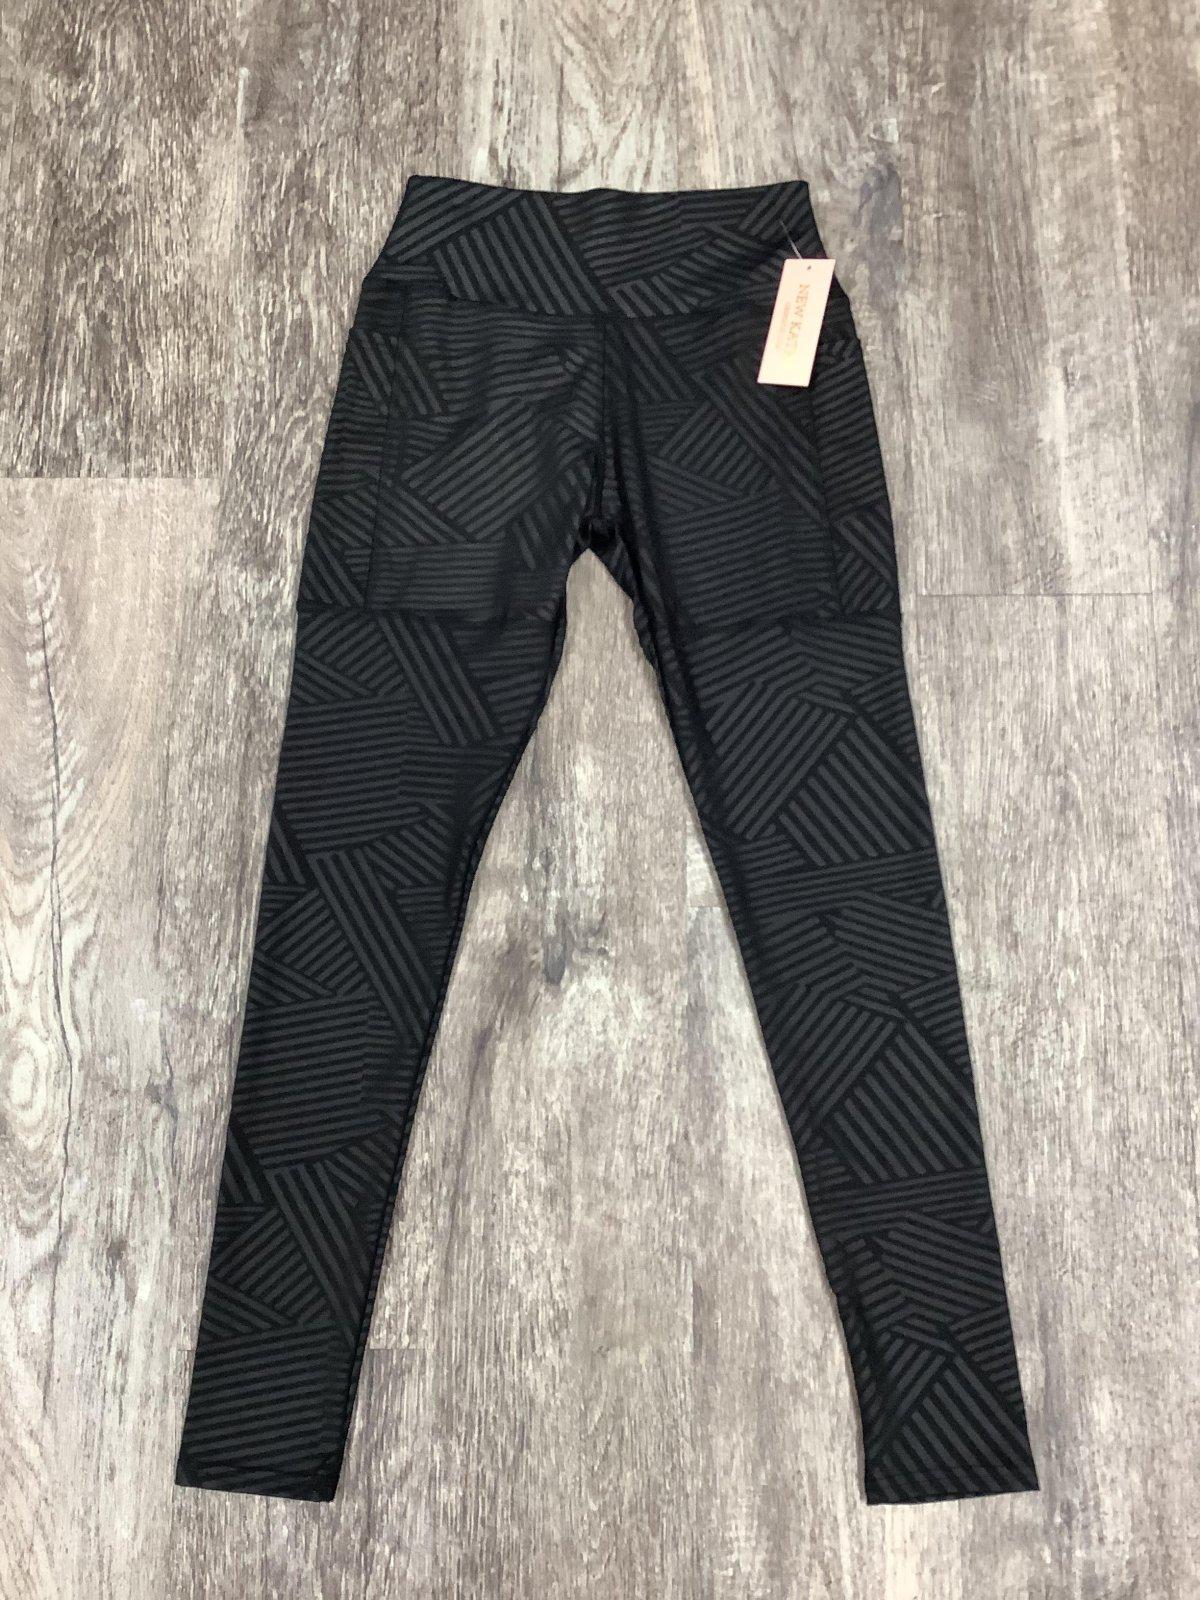 Black Side Pocket Striped Athletic Legging